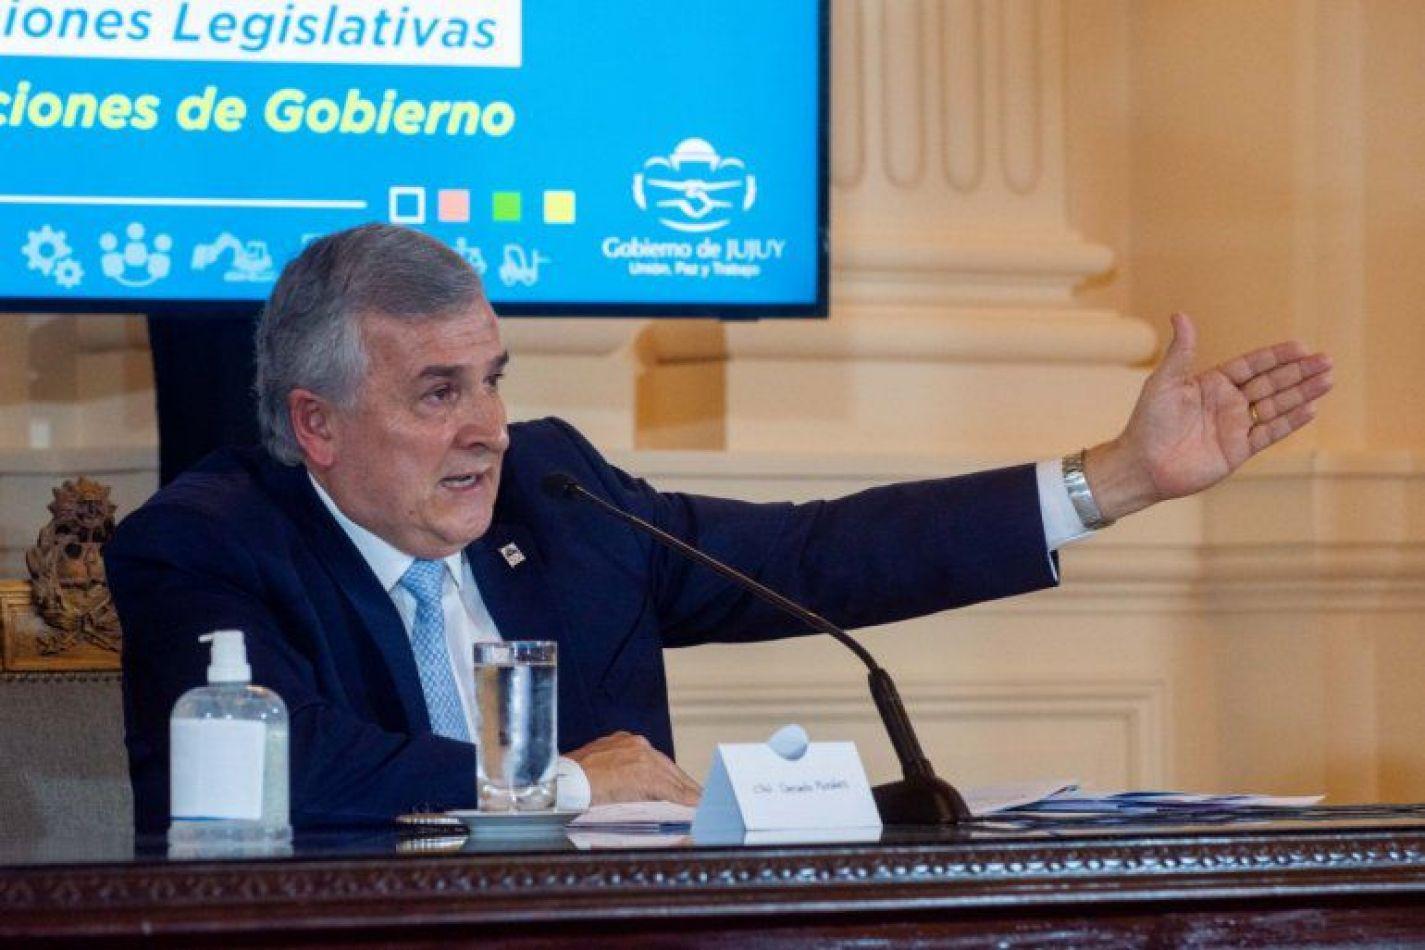 En Jujuy ya hay 233 personas contagiadas de coronavirus y 6 muertos